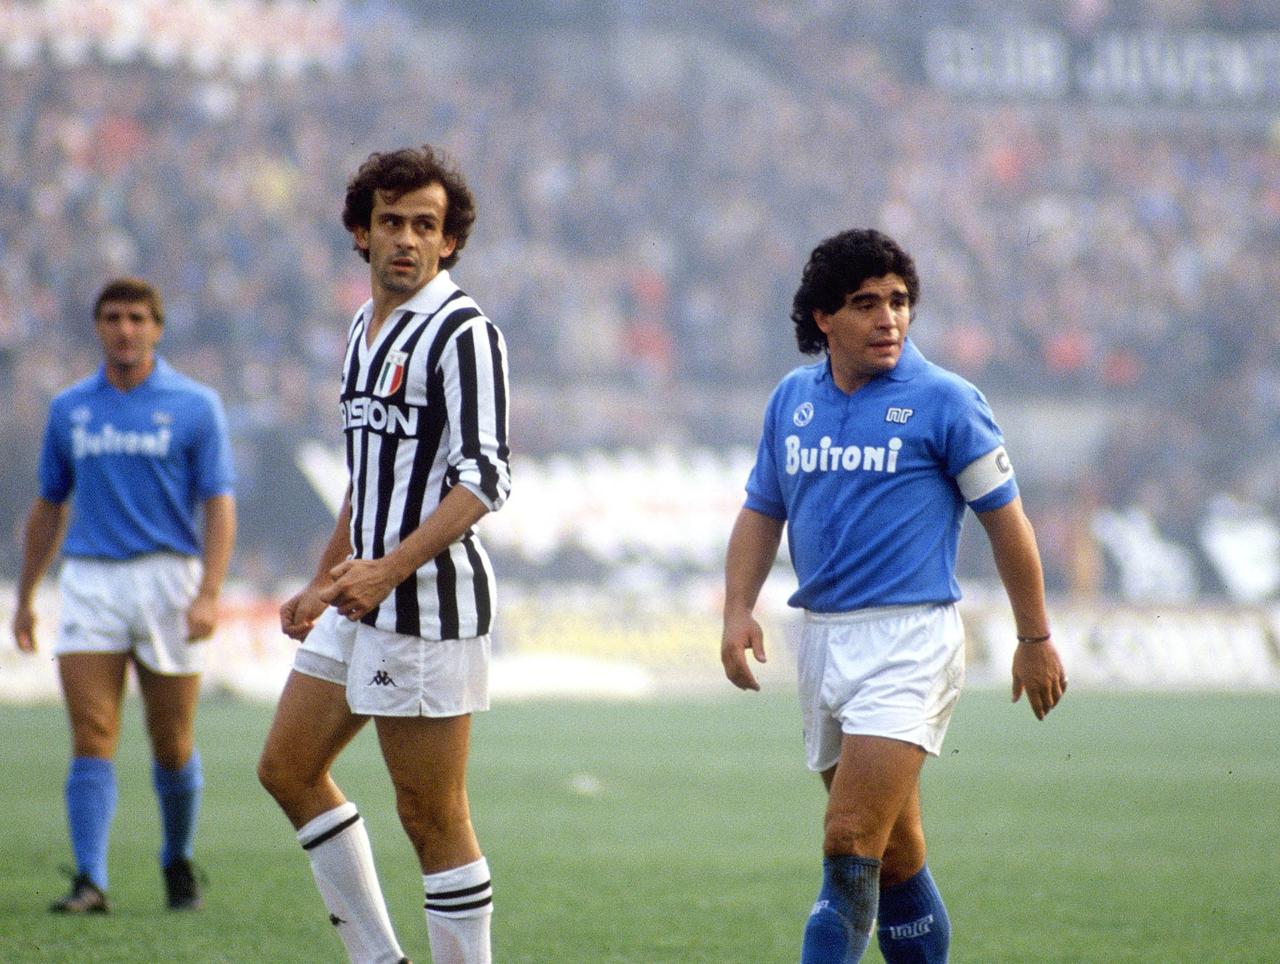 8fad664450a01 Diego Armando Maradona festeggia 55 anni  ecco un video con le giocate  della leggenda argentina